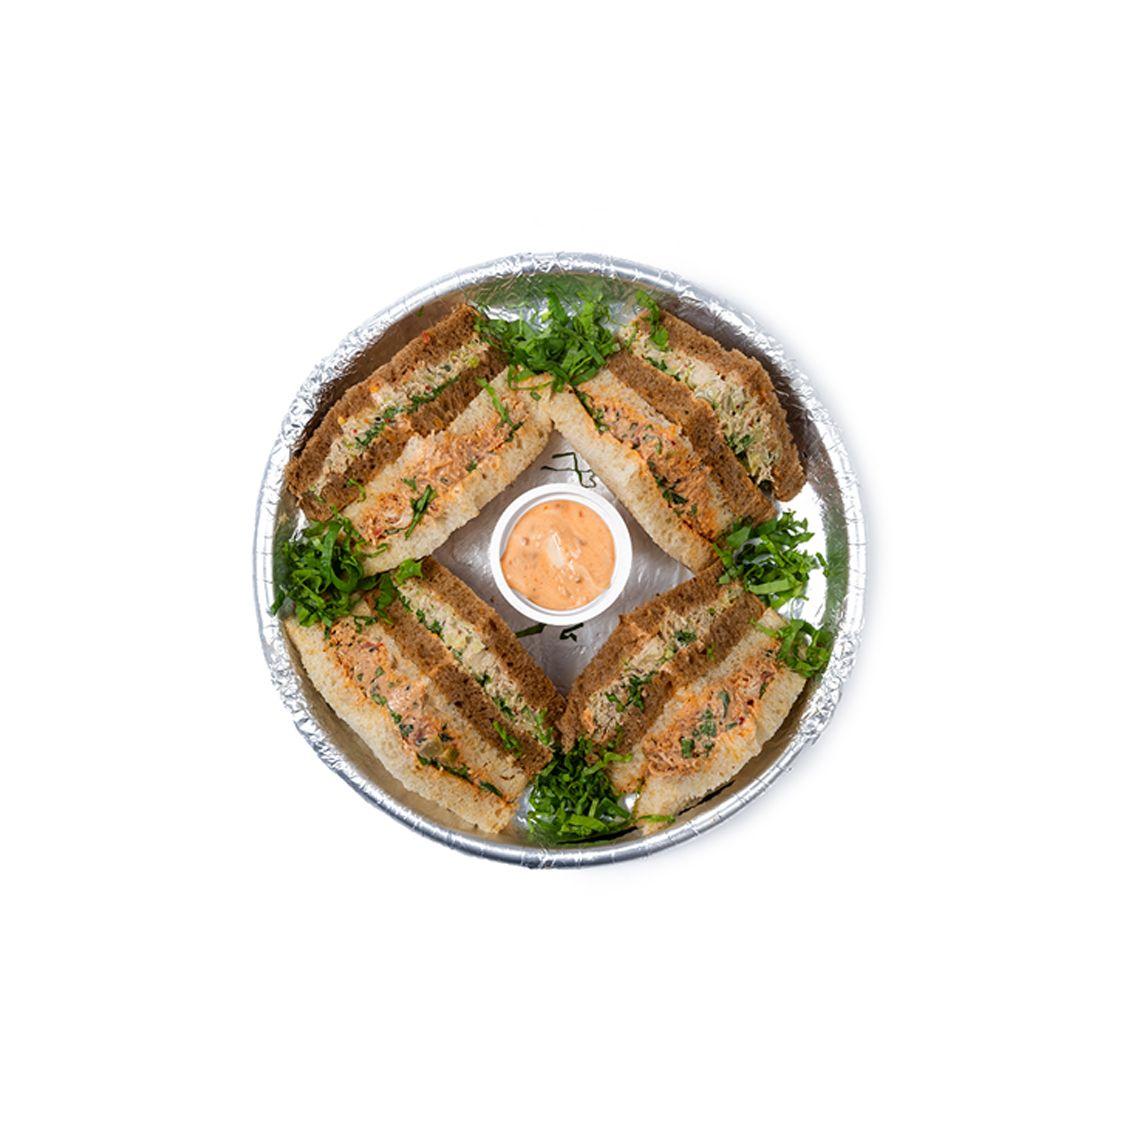 Kitchen Cuisine Default Category Sandwich Platter per pkt.